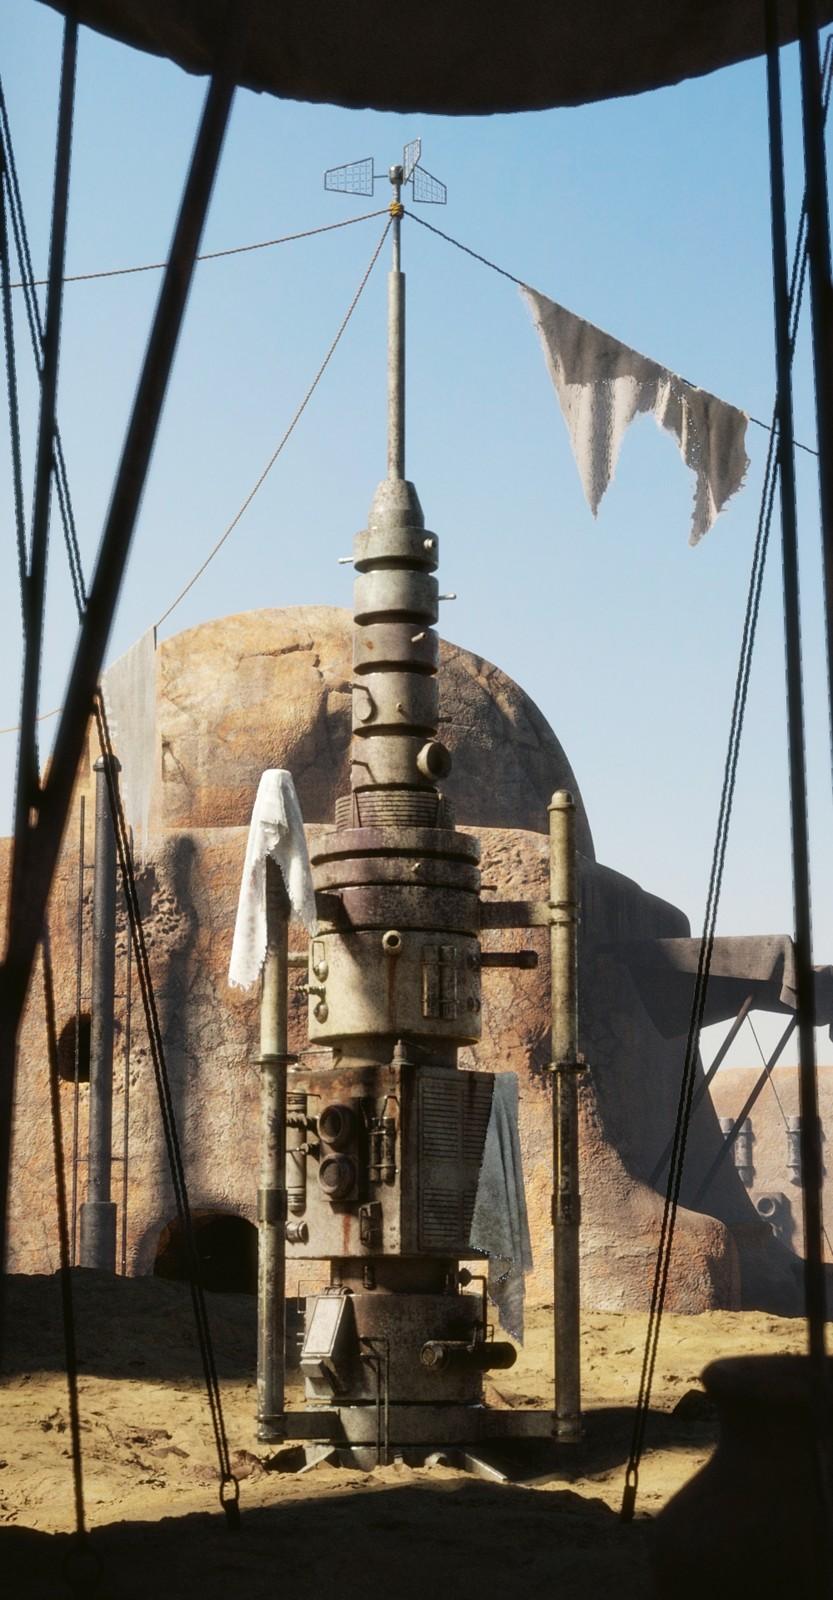 Star Wars Fan Art _ Moisture vaporator